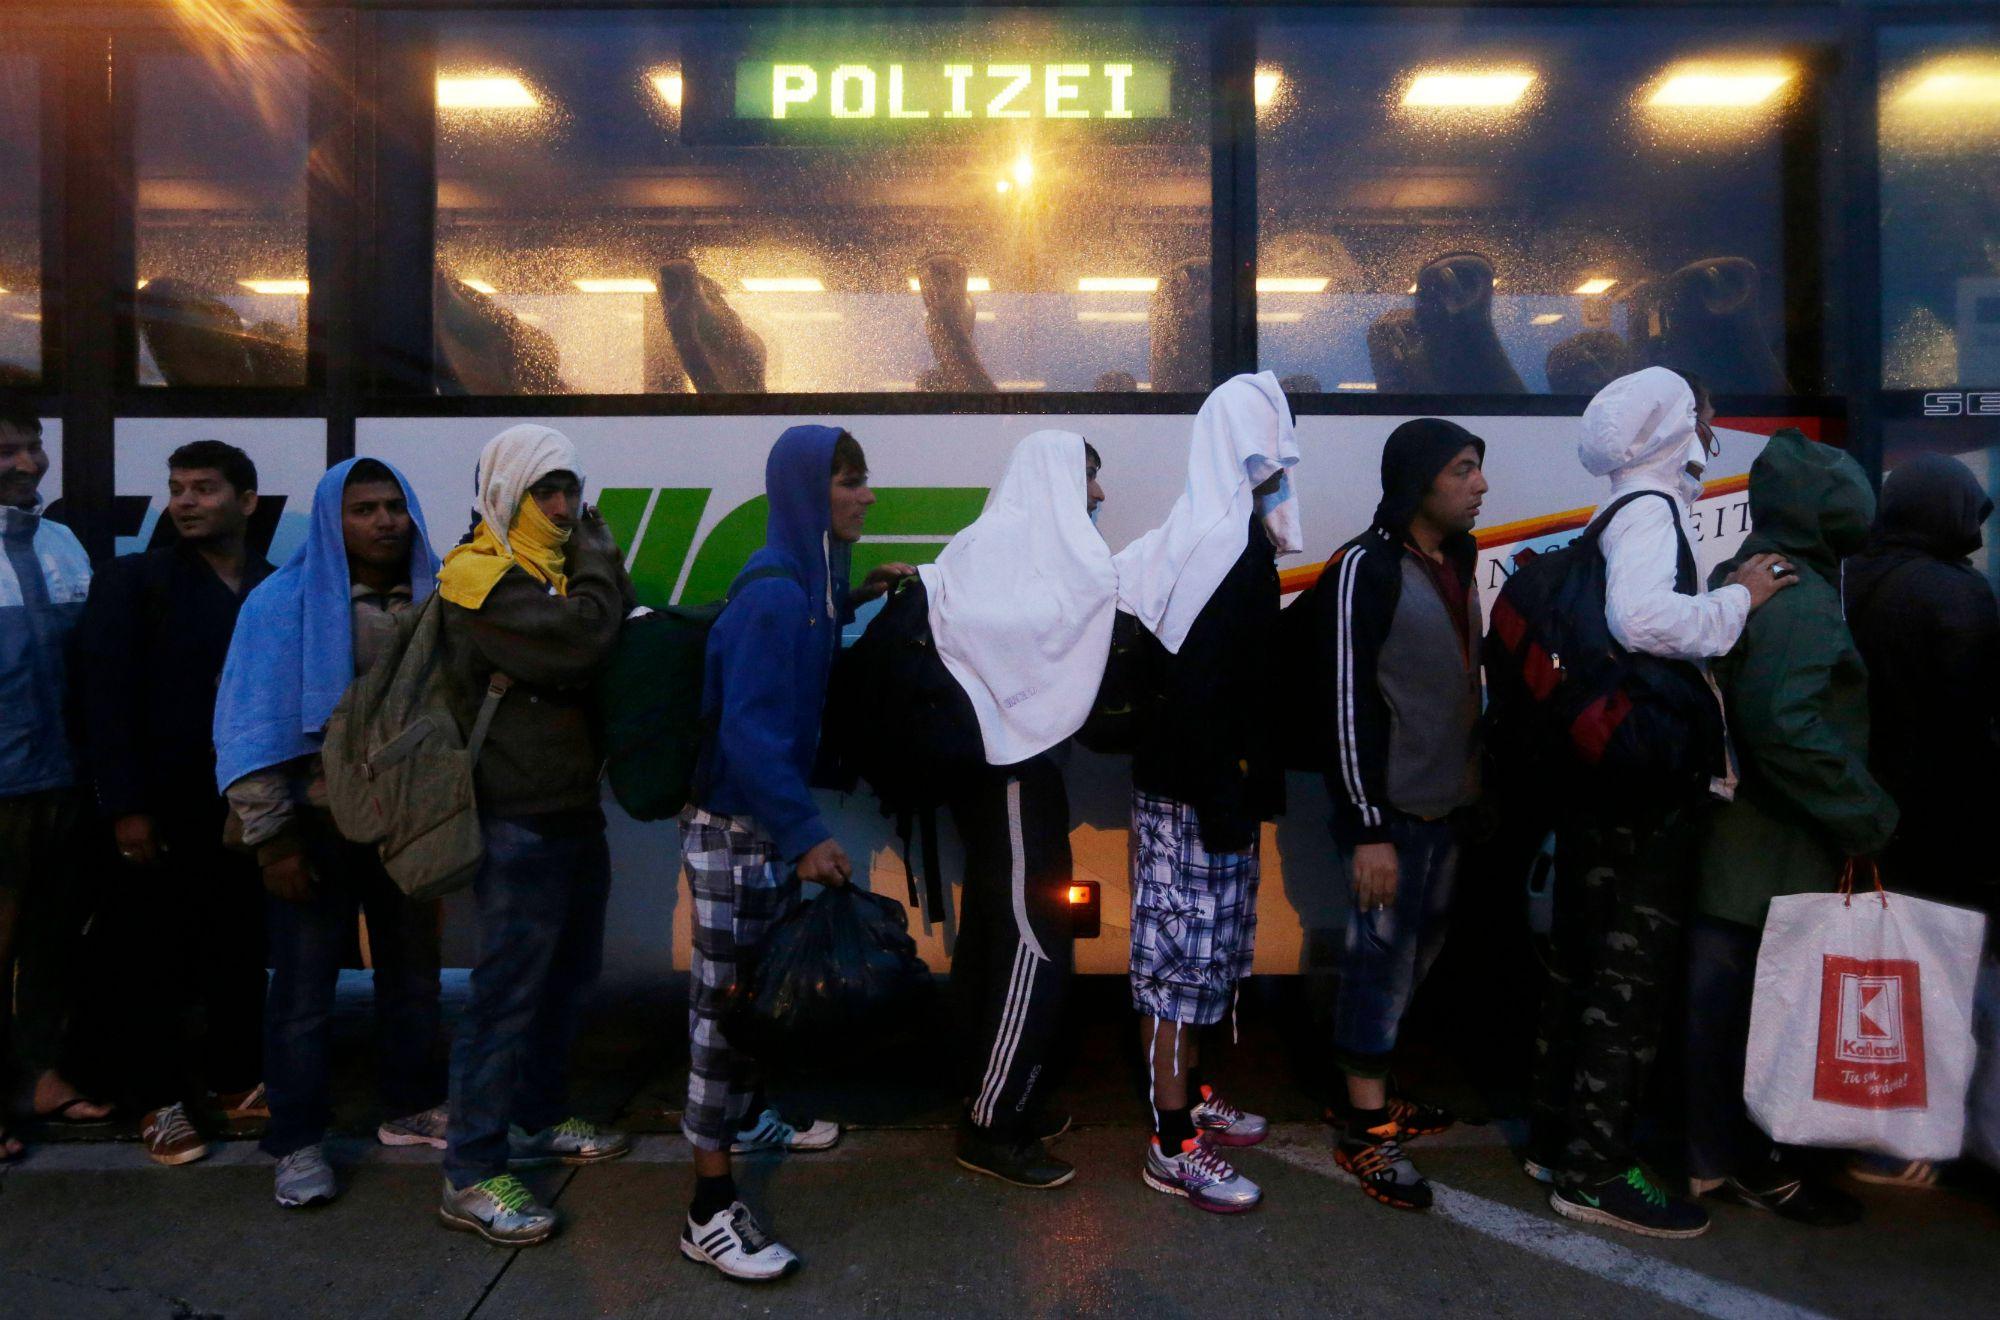 Γερμανία: Τελικά έβαλαν ημερήσιο Όριο Υποδοχής Προσφύγων